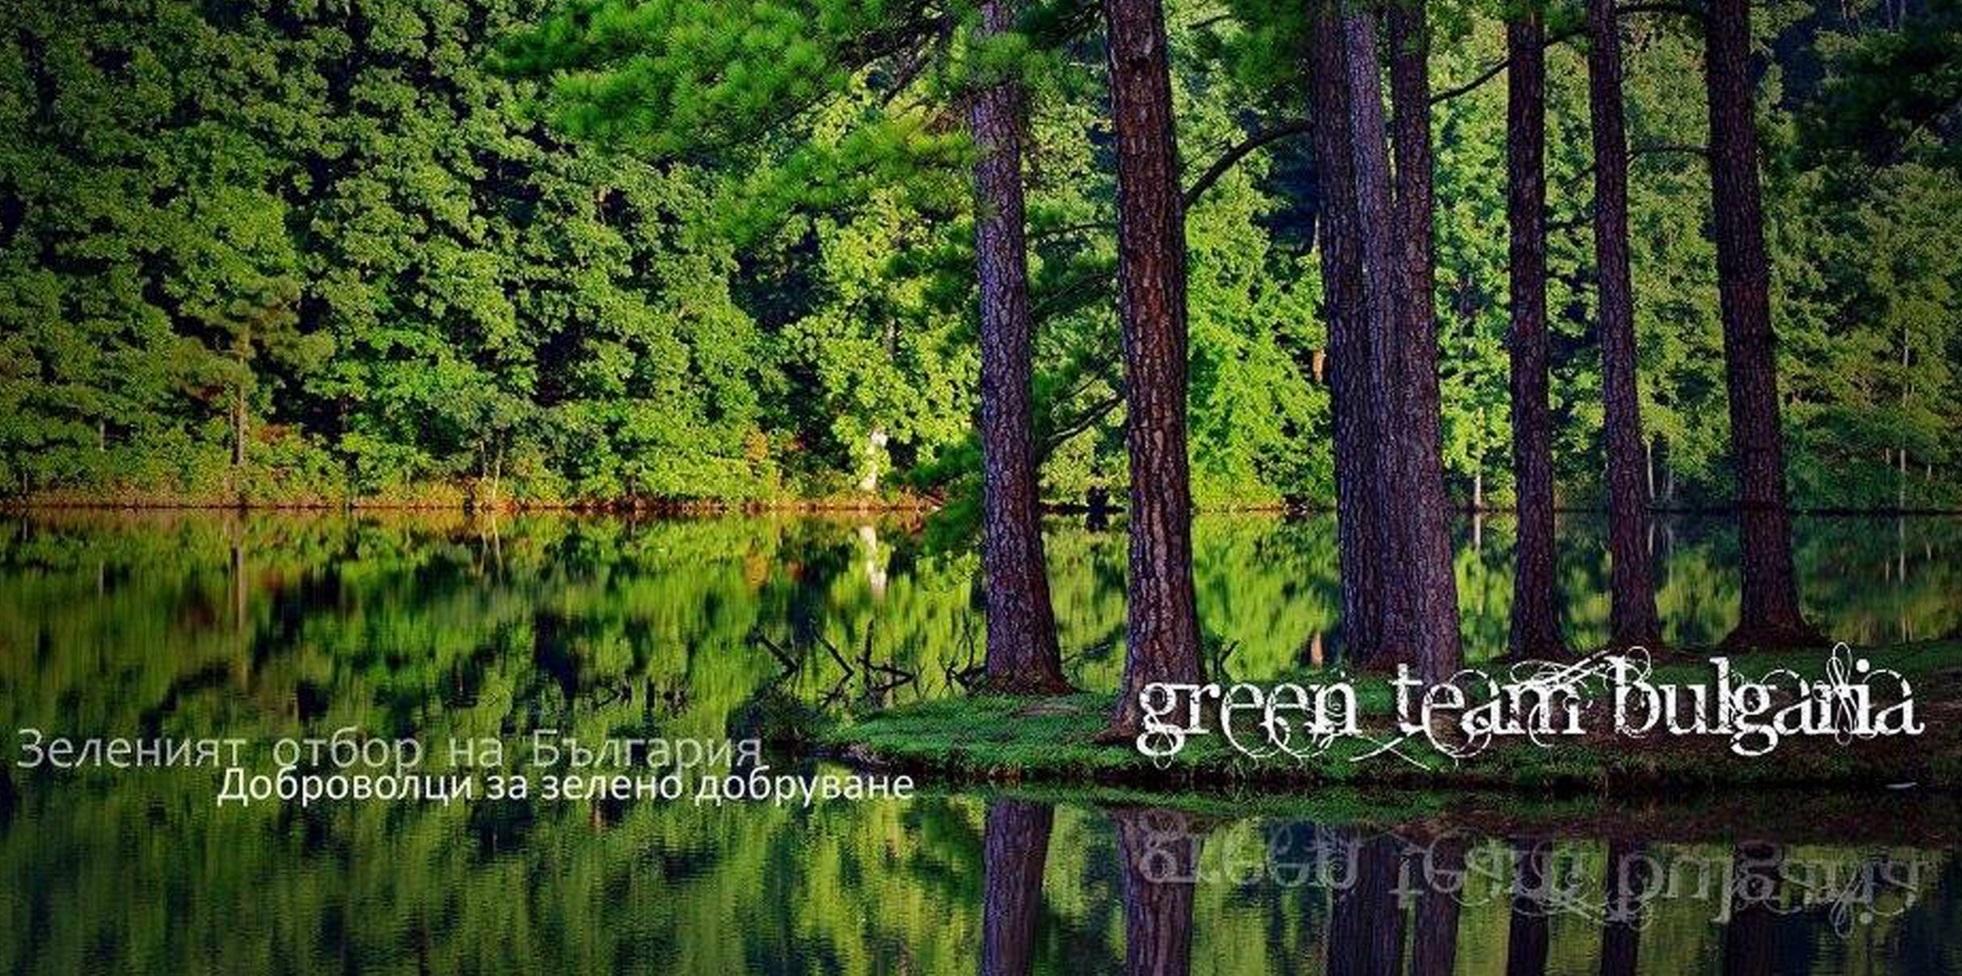 Доброволци за зелено бъдеще